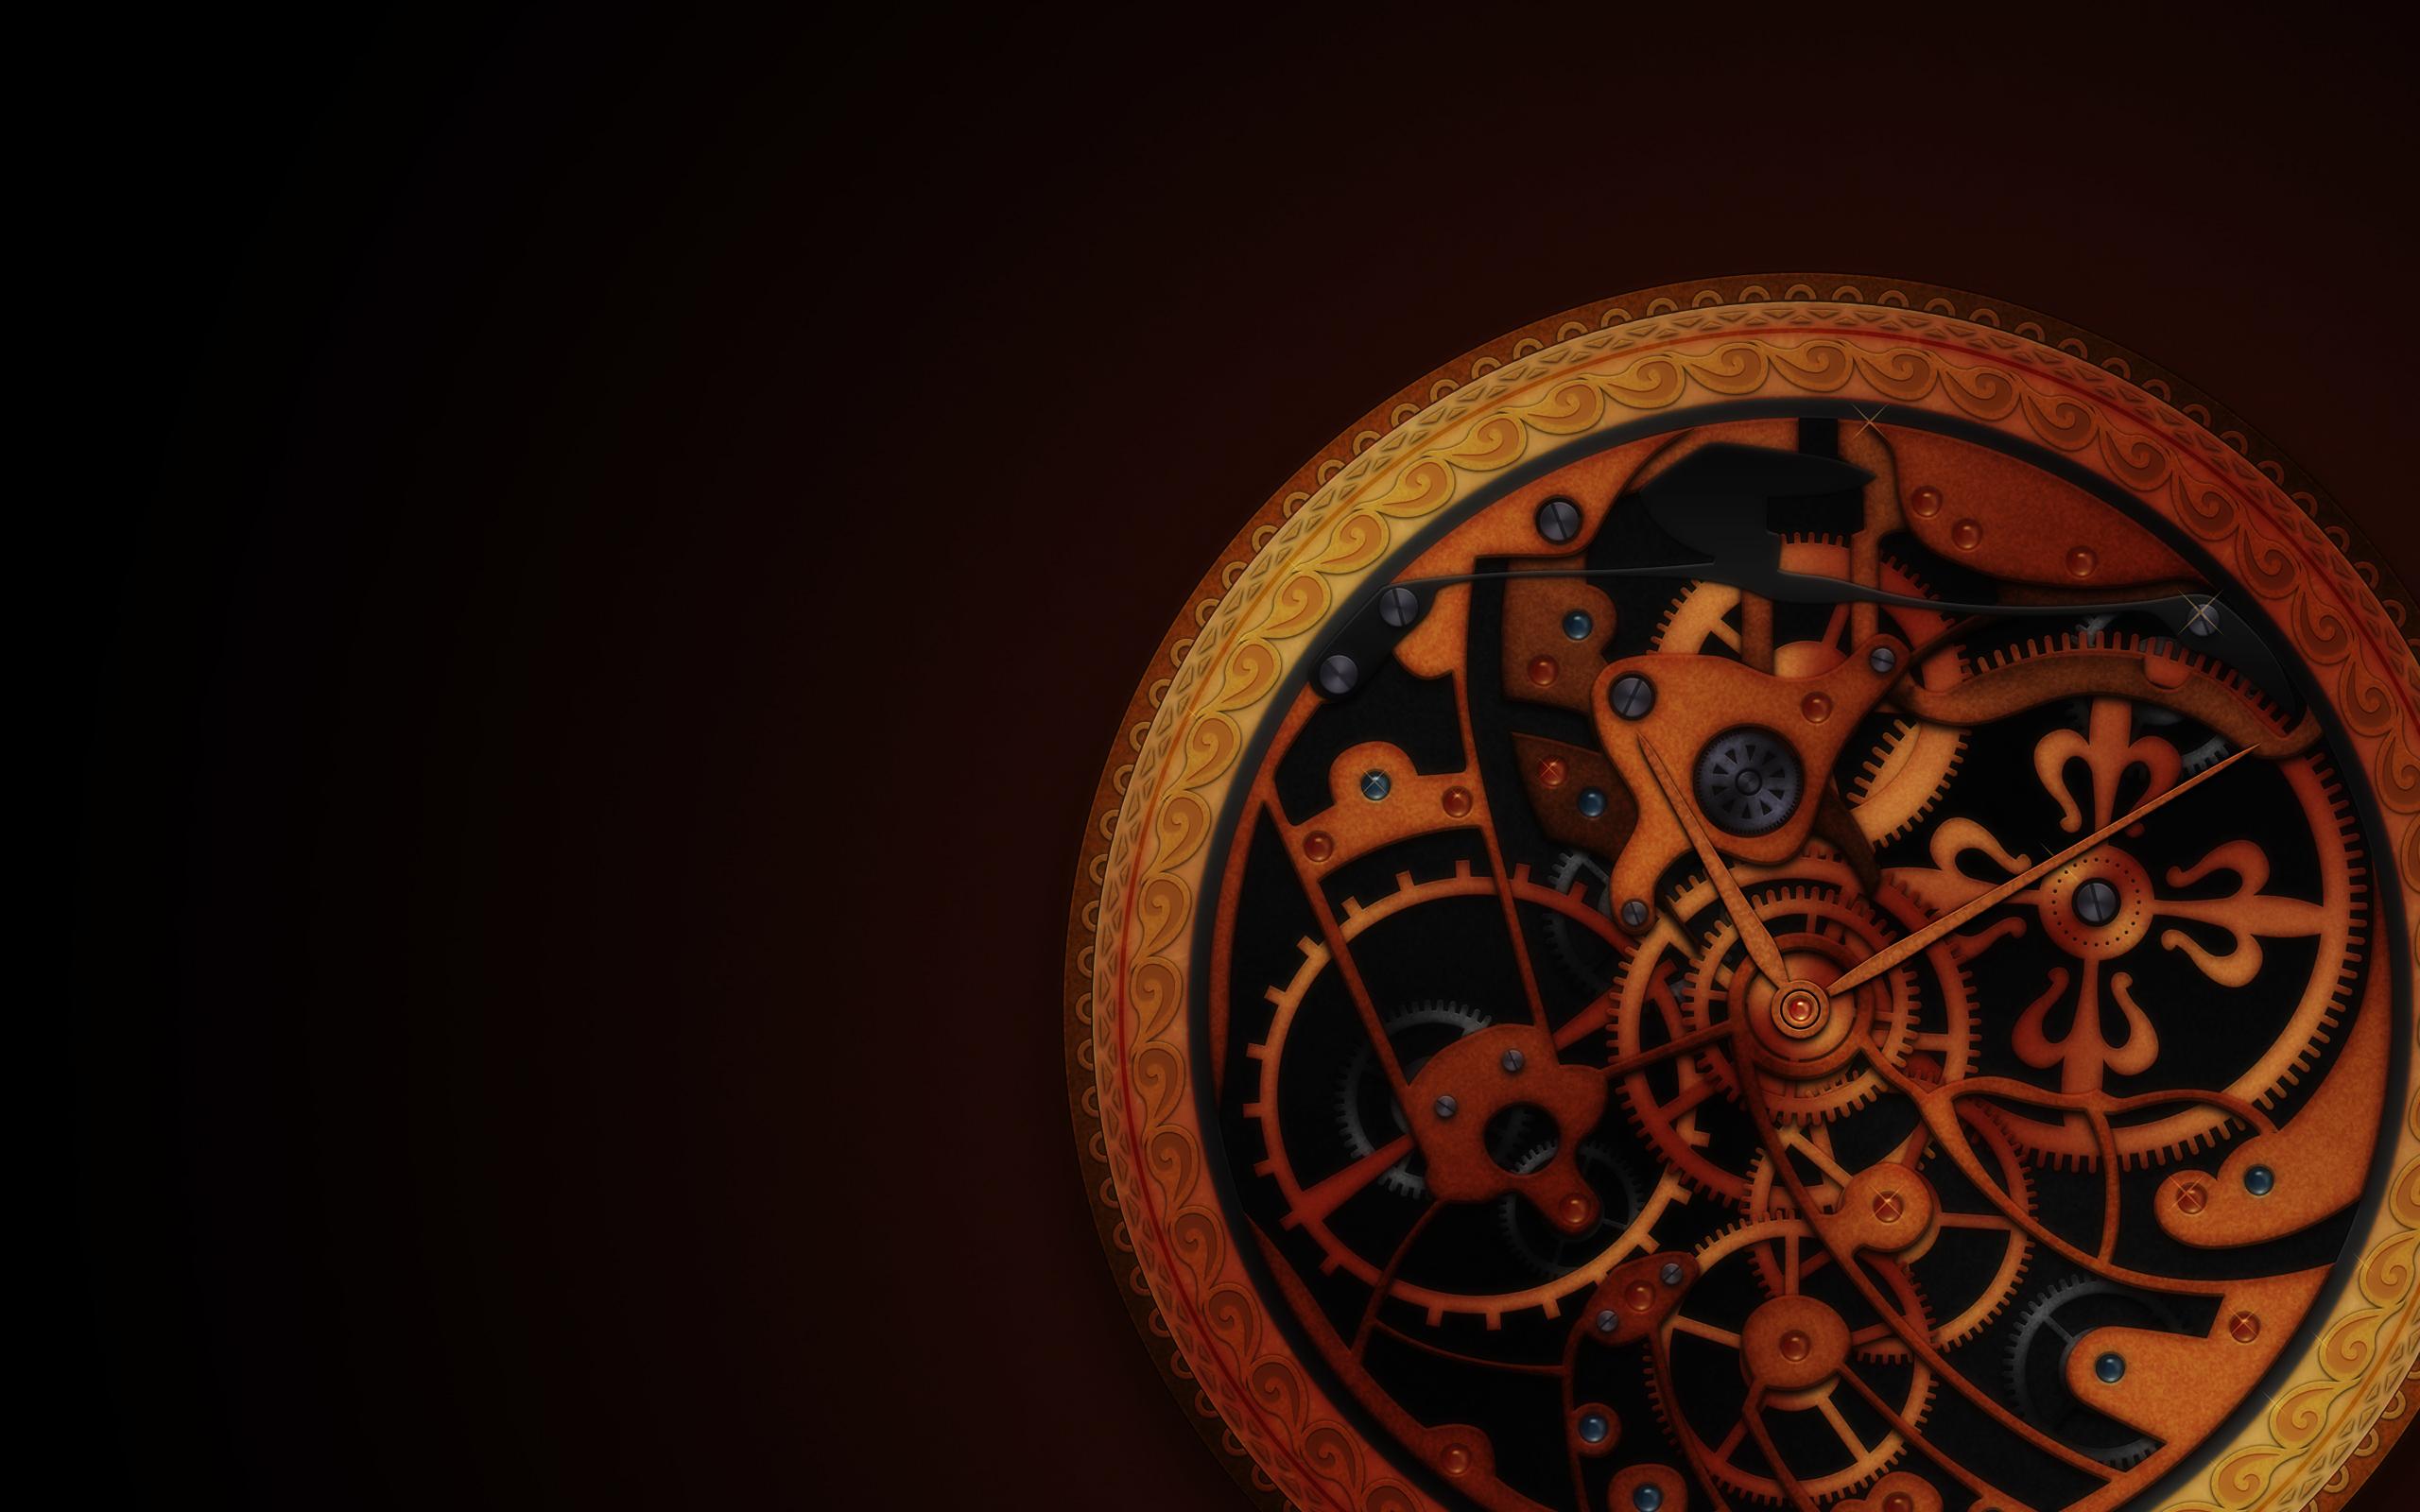 钟表内部构造PPT背景图片免费下载是由PPT宝藏(www.pptbz.com)会员zengmin上传推荐的简约PPT背景图片, 更新时间为2017-01-18,素材编号119942。 钟和表的统称。钟和表都是计量和指示时间的精密仪器。 钟和表通常是以内机的大小来区别的。 中国古代有日晷、水钟、火钟、铜壶滴漏等,这只能算是古人的计时器。没有嘀嗒嘀嗒的钟表声,都不能称作钟表。到了1090年,北宋宰相苏颂主持建造了一台水运仪象台,能报时打钟,它的结构已近似于现代钟表的结构,可称为钟表的鼻祖。每天仅有一秒的误差。